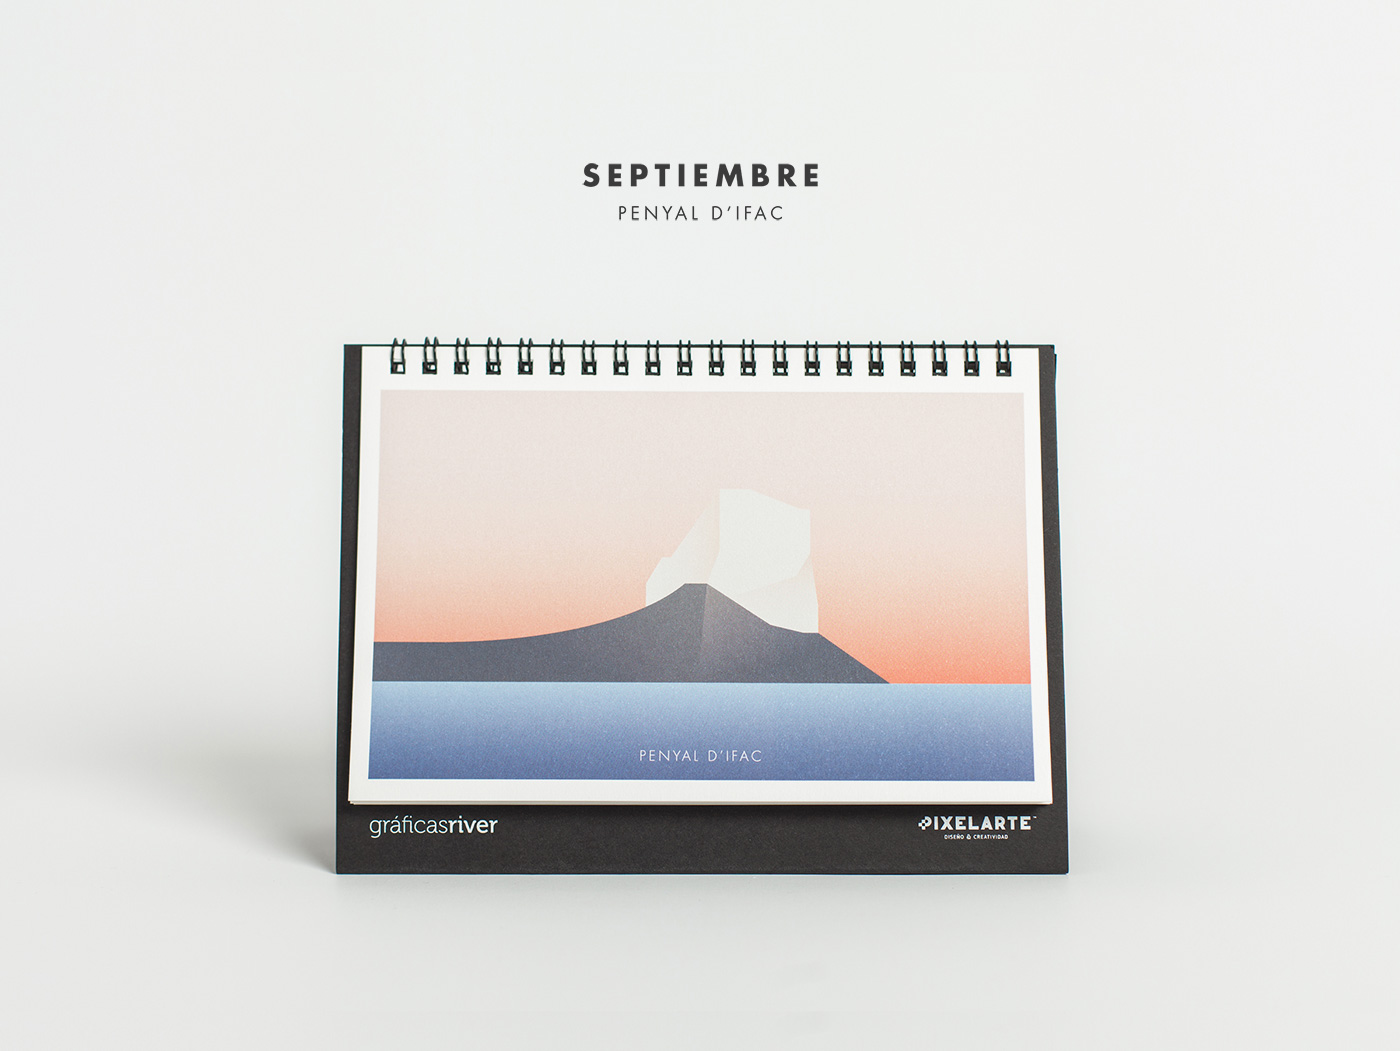 pixelarte-estudio-diseno-grafico-calendario-parques-comunidad_valenciana-septiembre-2016